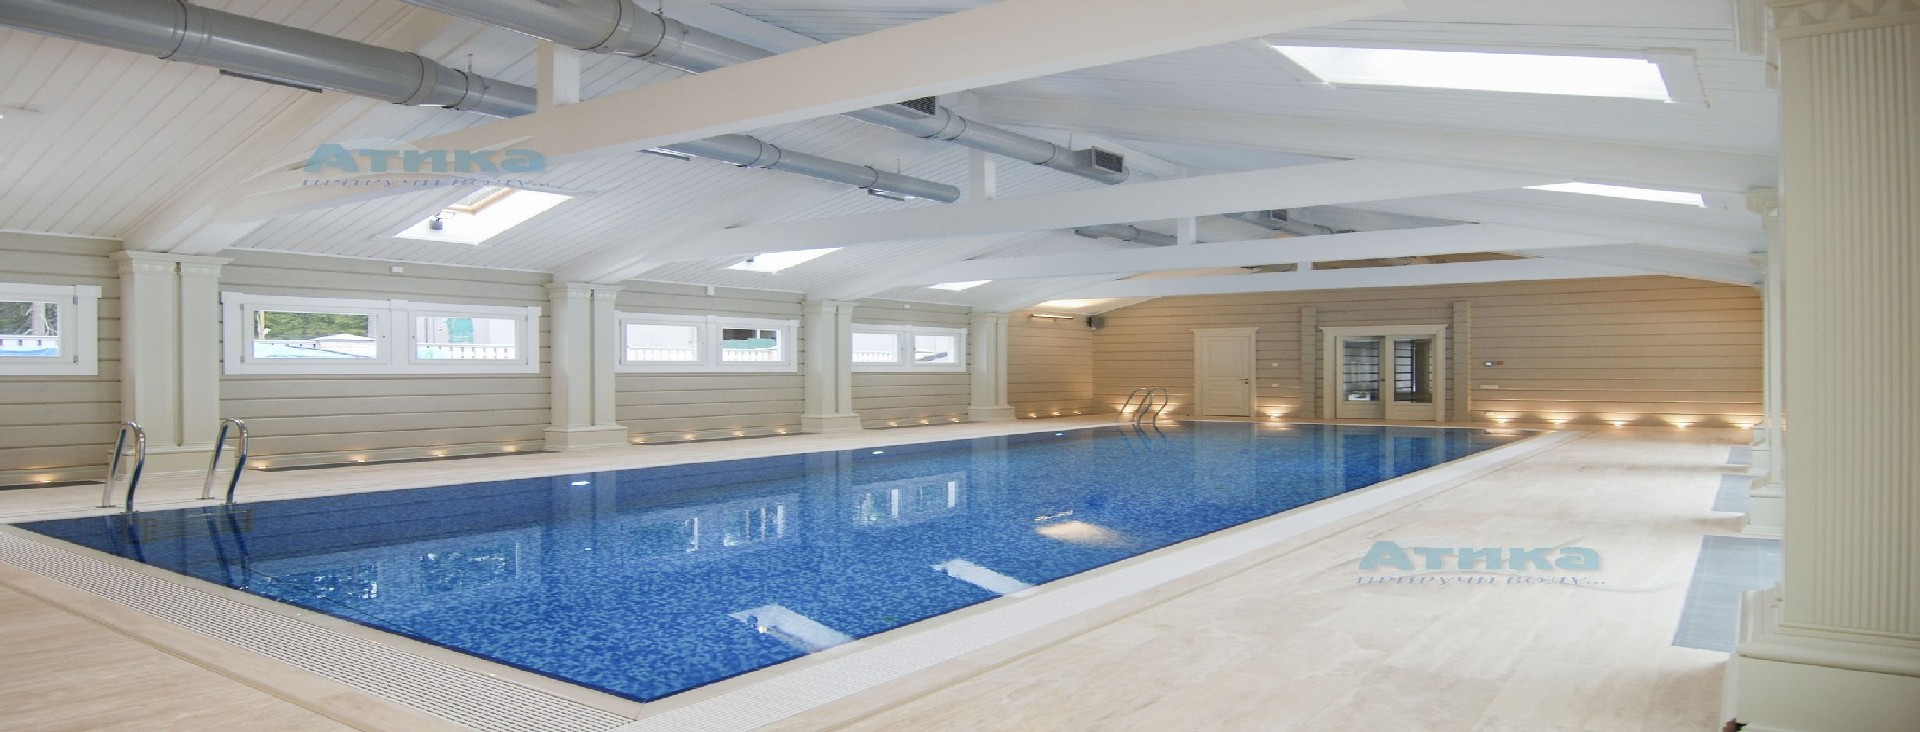 Проектирование и монтаж систем вентиляции бассейновВентиляция для бассейнов